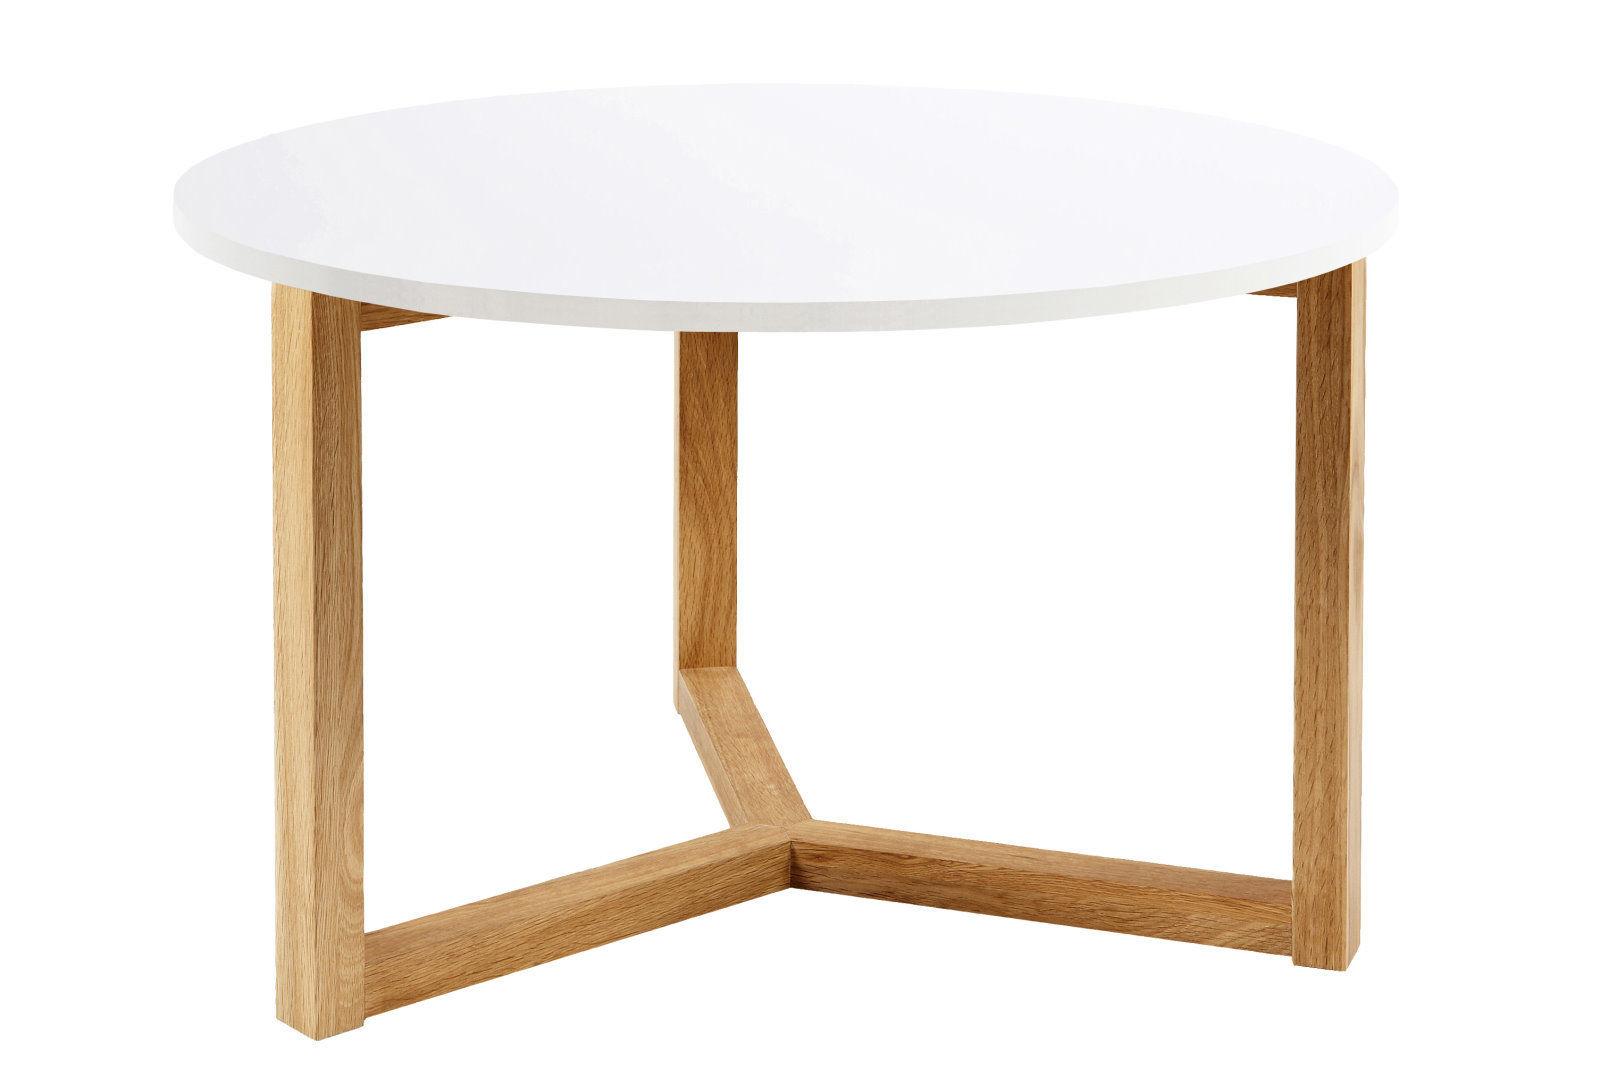 pkline couchtisch tisch eiche beistelltisch wohnzimmertisch holztisch dynamic. Black Bedroom Furniture Sets. Home Design Ideas